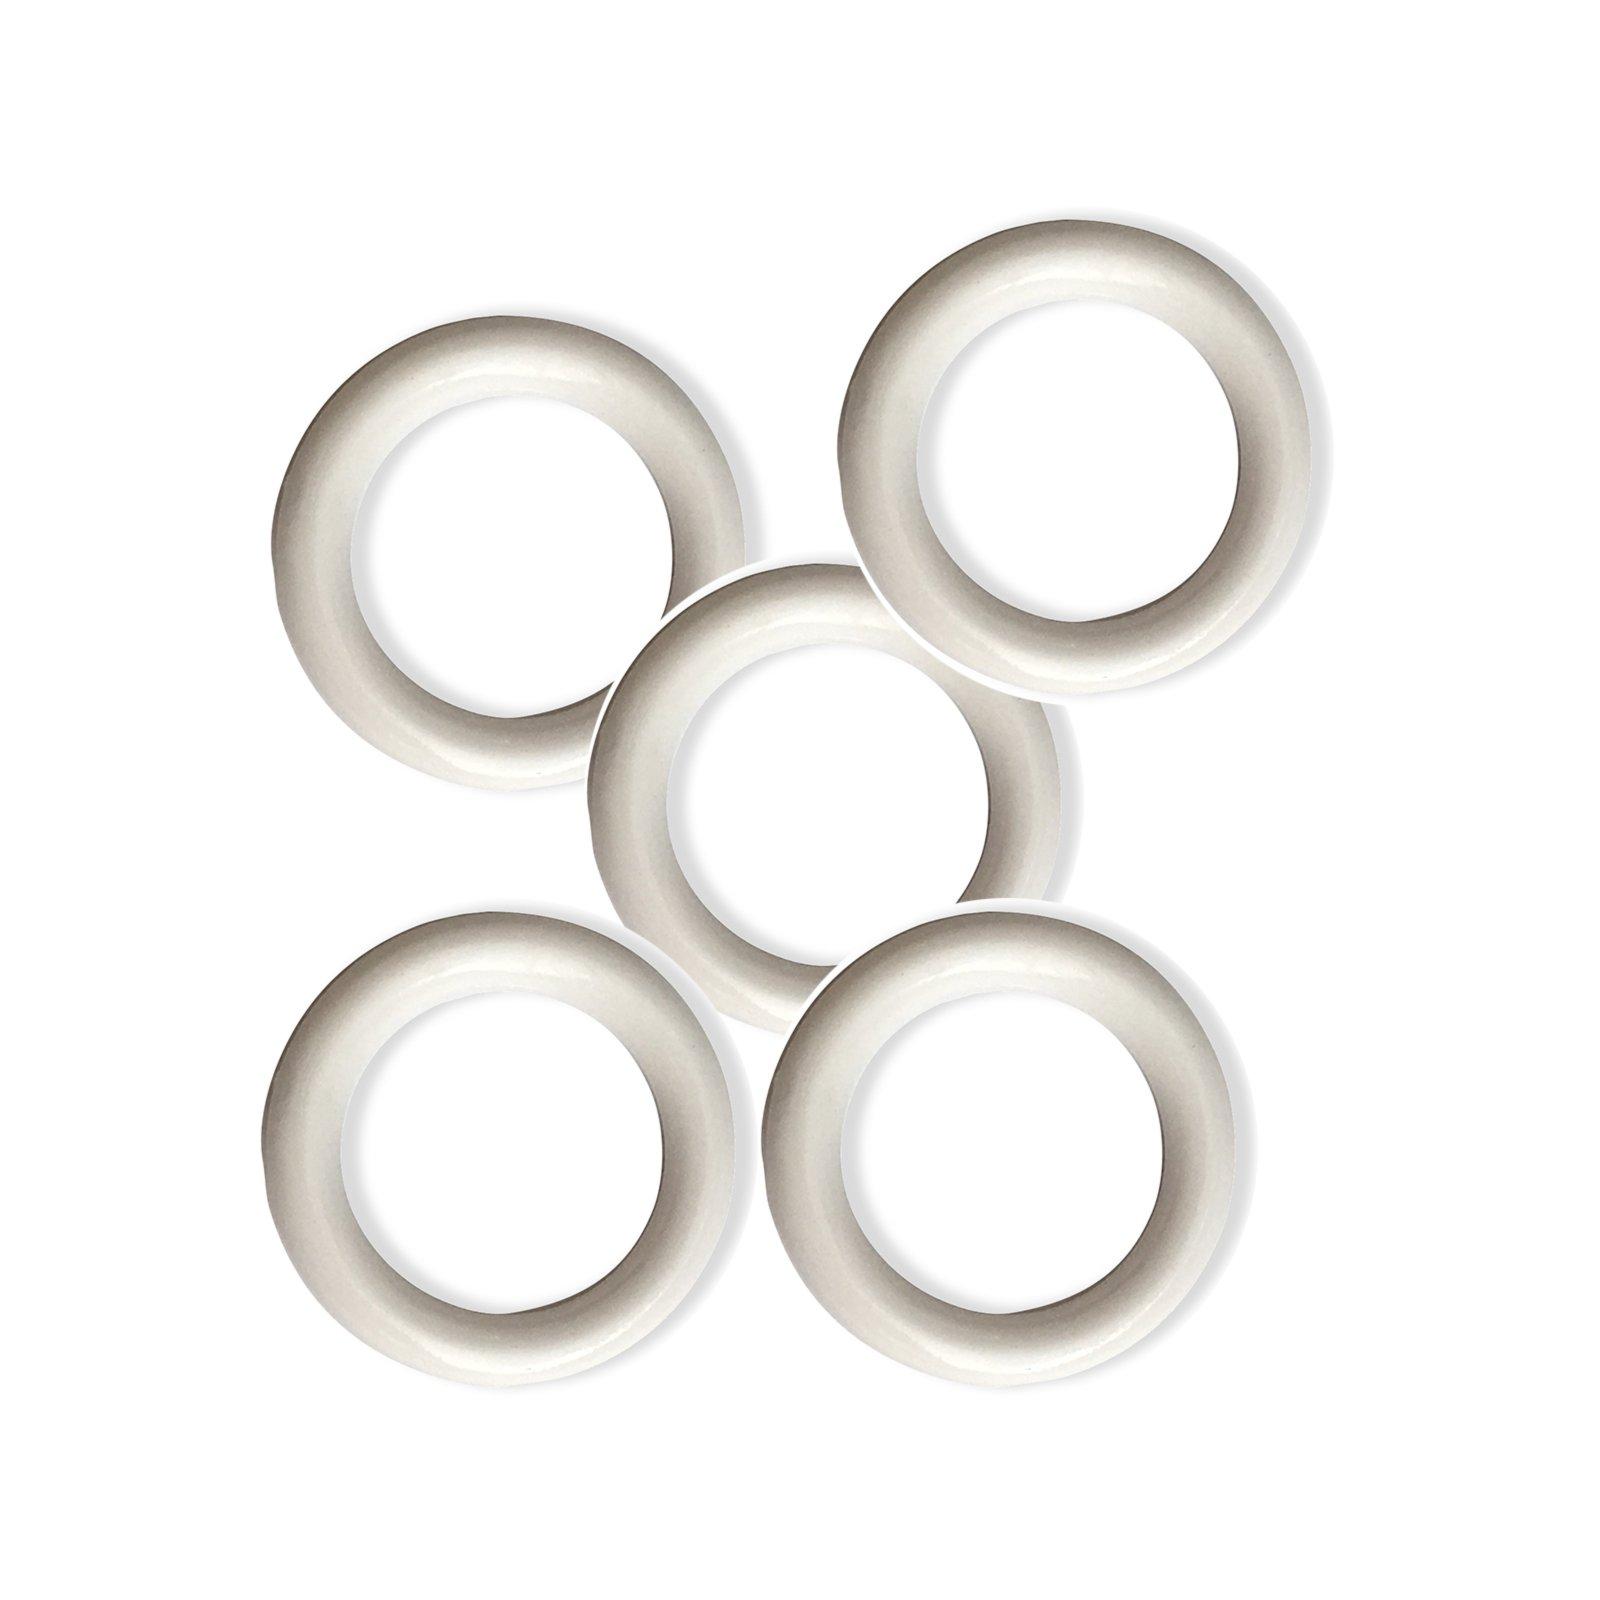 Gardinenringe - weiß - 20 Stück